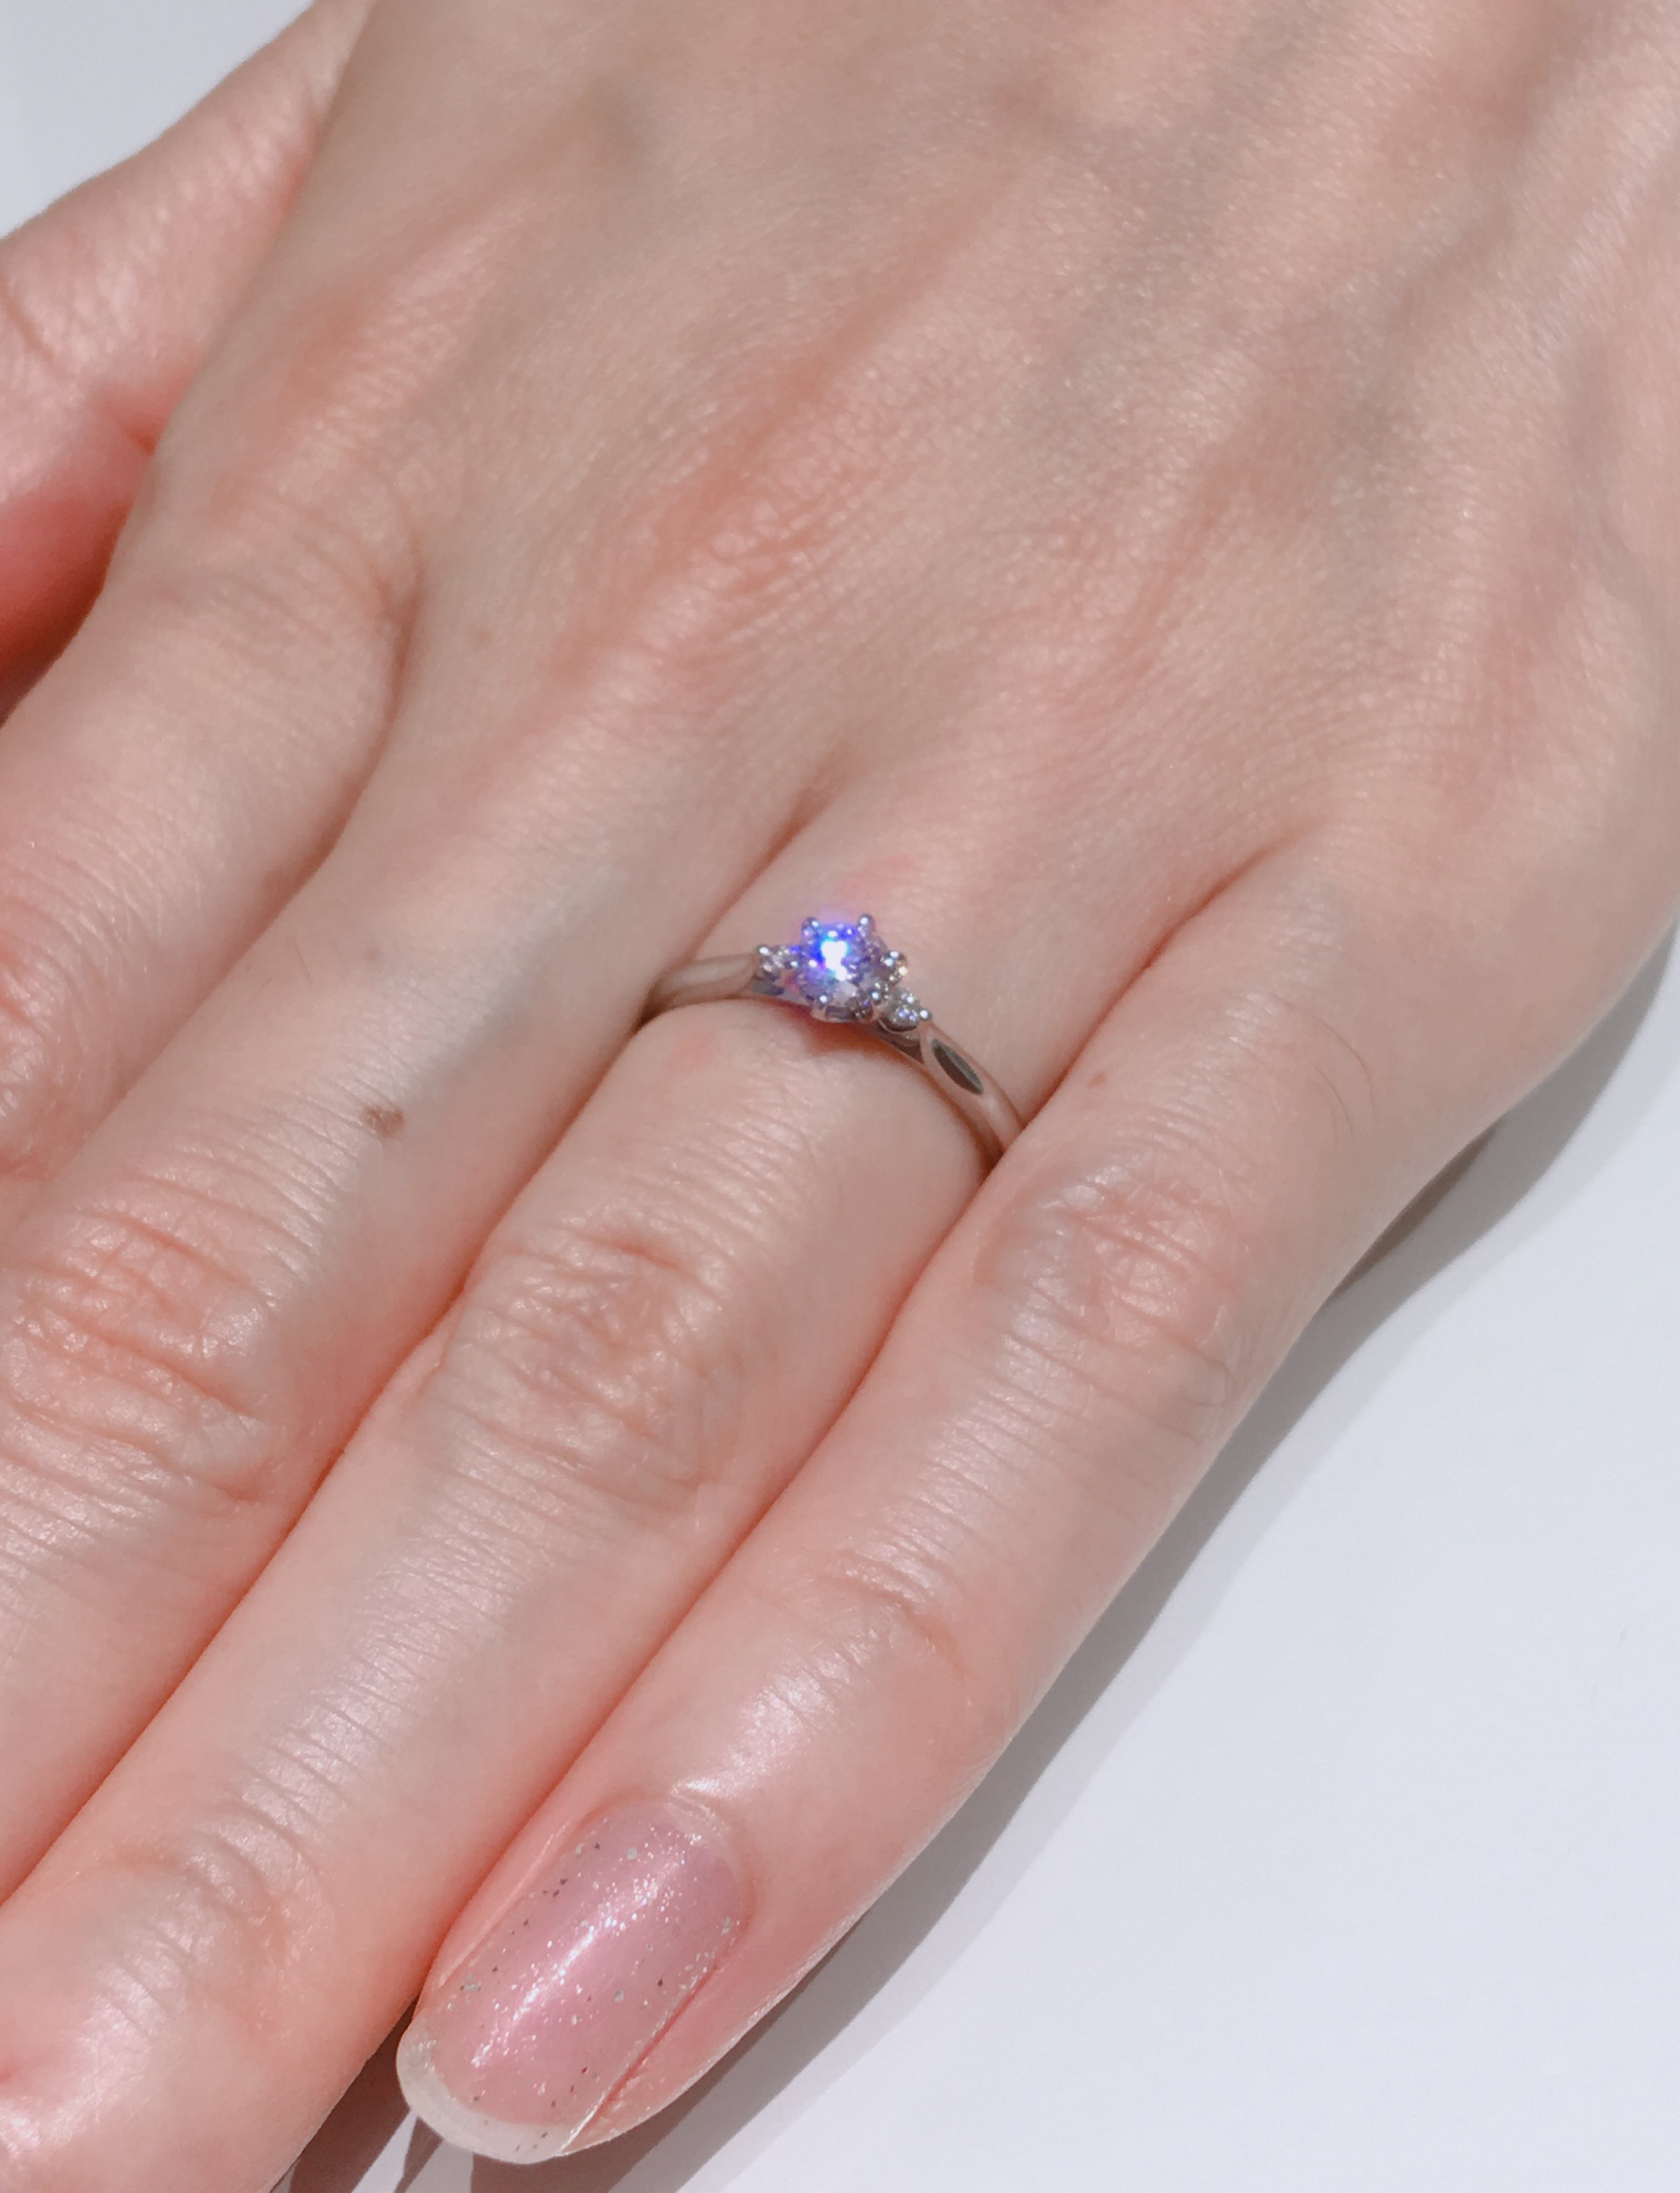 横から見たすずらんの可愛さが決め手/俄・婚約指輪「白鈴」をご成約。新潟市W様・A様